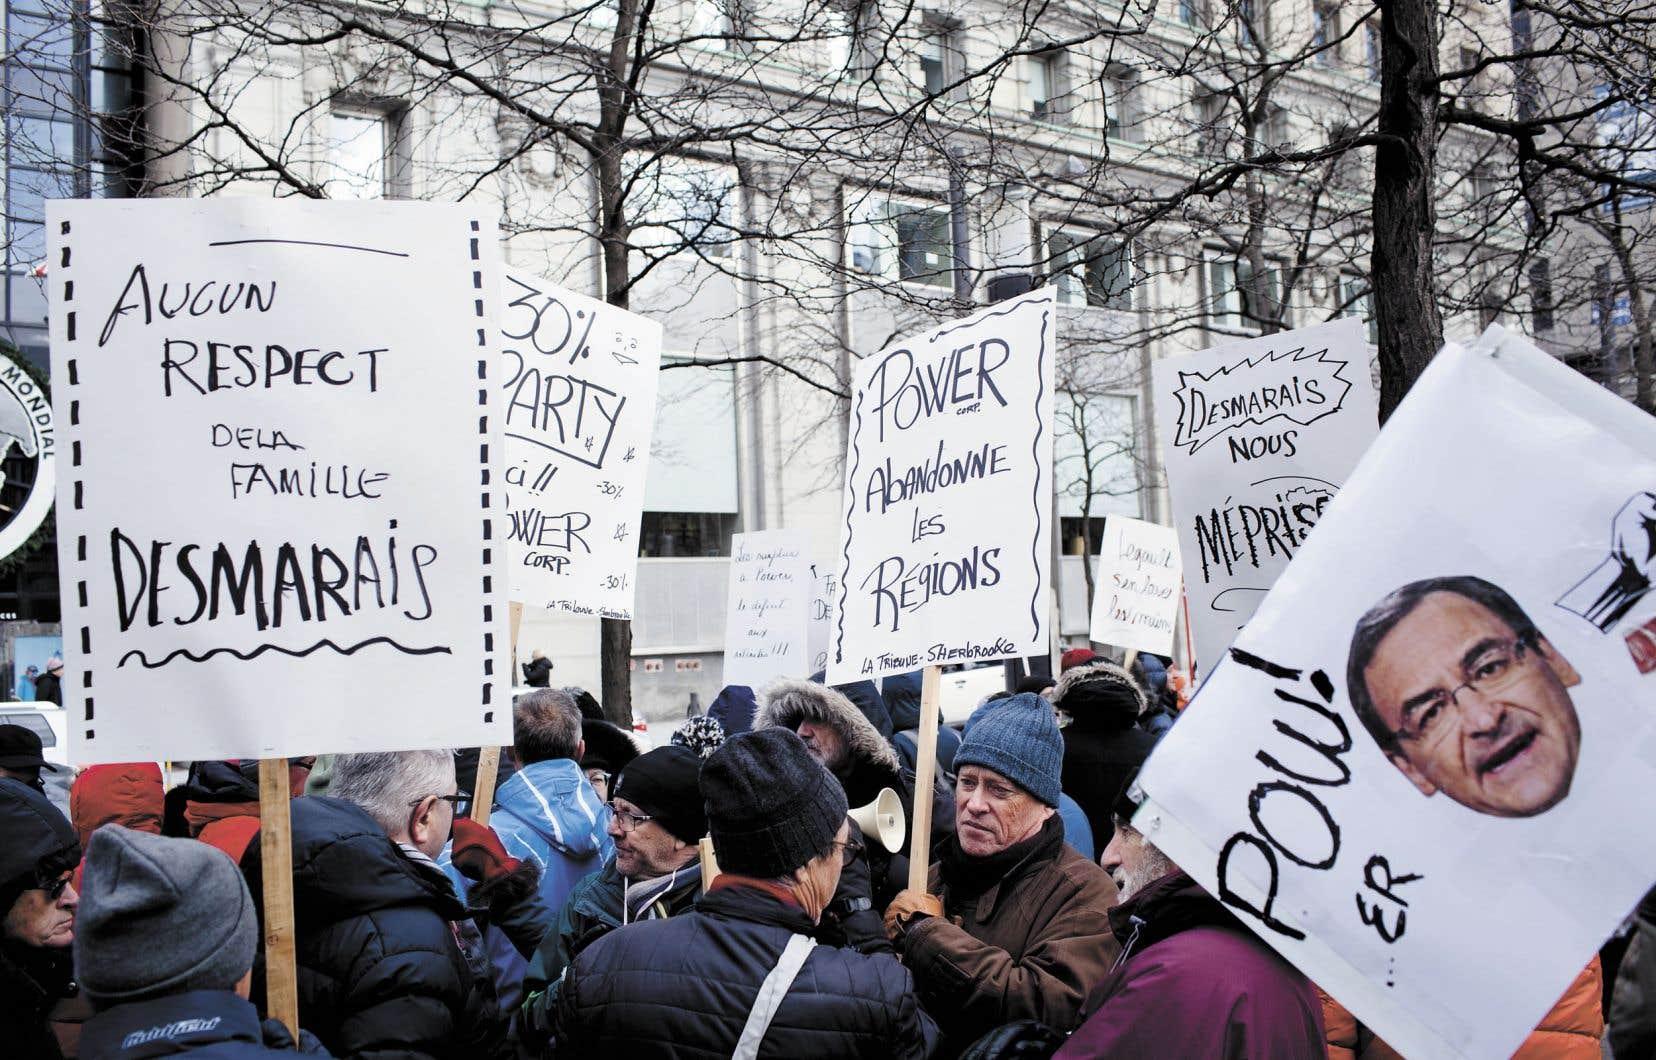 Les retraités de Groupe Capitales Médias reprochent à Power Corporation d'avoir échappé à ses obligations envers eux lors de la vente des six journaux régionaux à l'ex-ministre libéral Martin Cauchon en 2015. Ils ont manifesté devant le siège social montréalais de l'entreprise, le mercredi 11 décembre.